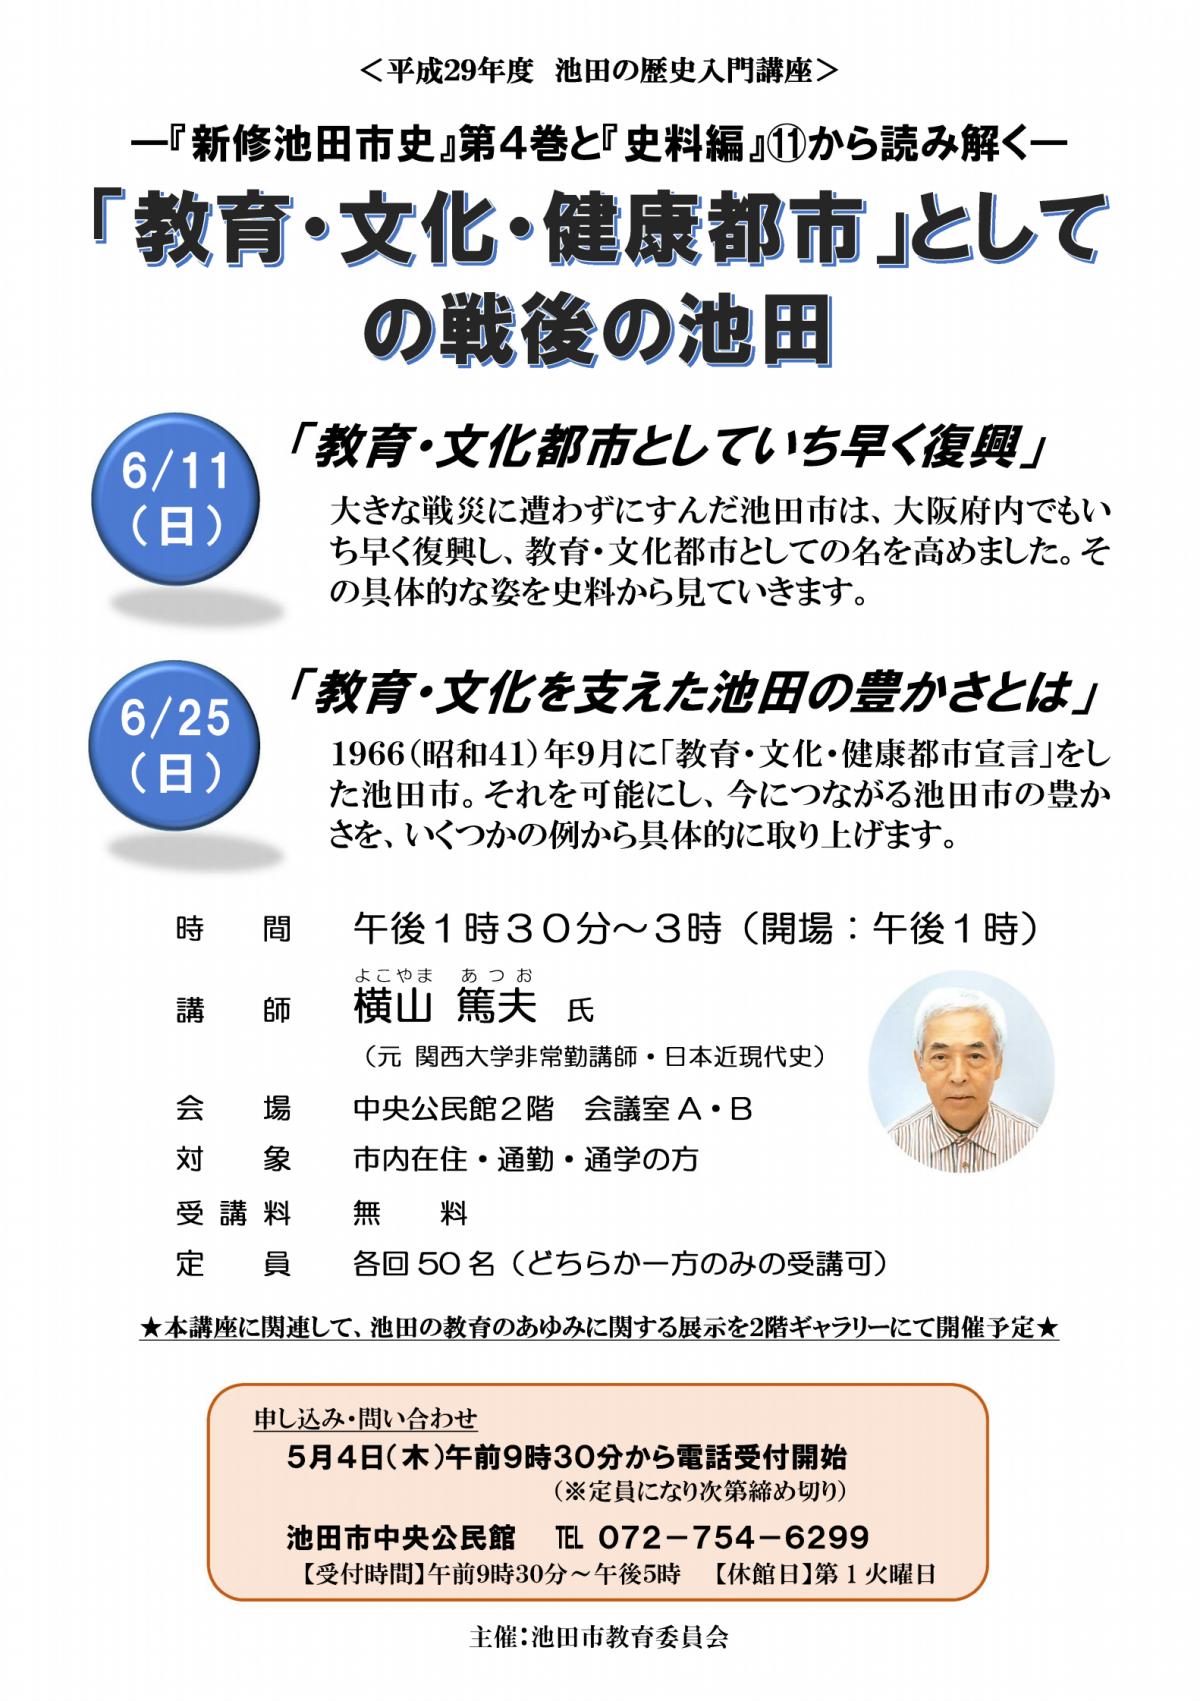 【池田の歴史入門講座】「教育・文化・健康都市」としての戦後の池田